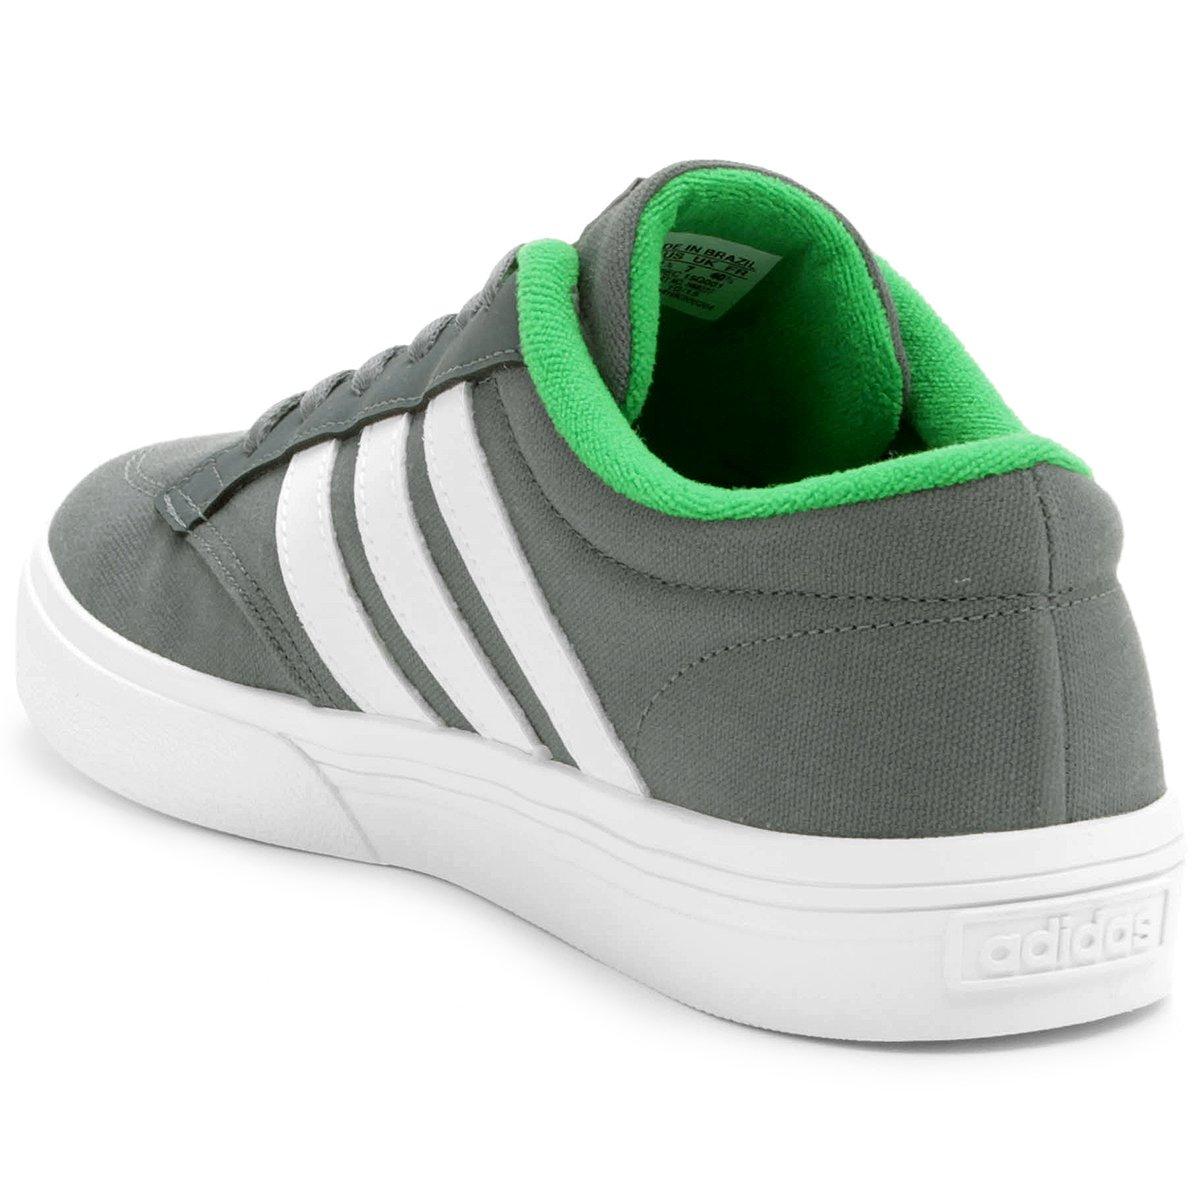 Tênis Adidas GVP - Compre Agora  6c8bf87d86cf4